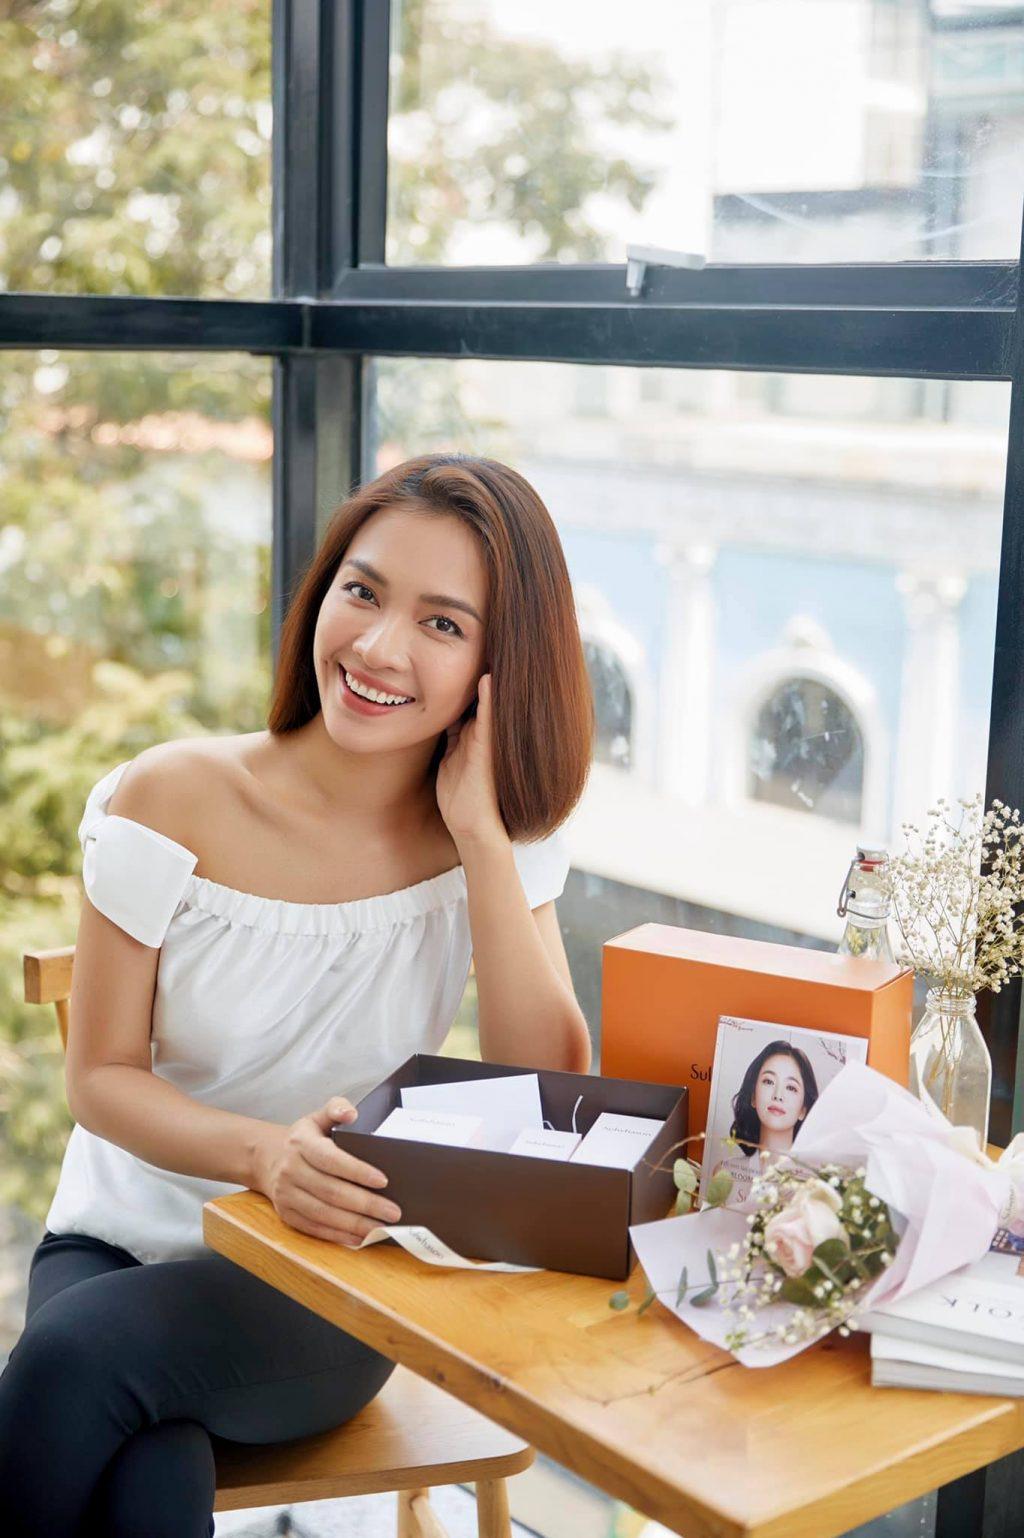 Nàng thơ Song Hye Kyo và loạt sao Việt chia sẻ bí quyết giữ gìn nhan sắc đến bất chấp thời gian với bộ dưỡng da Sulwhasoo